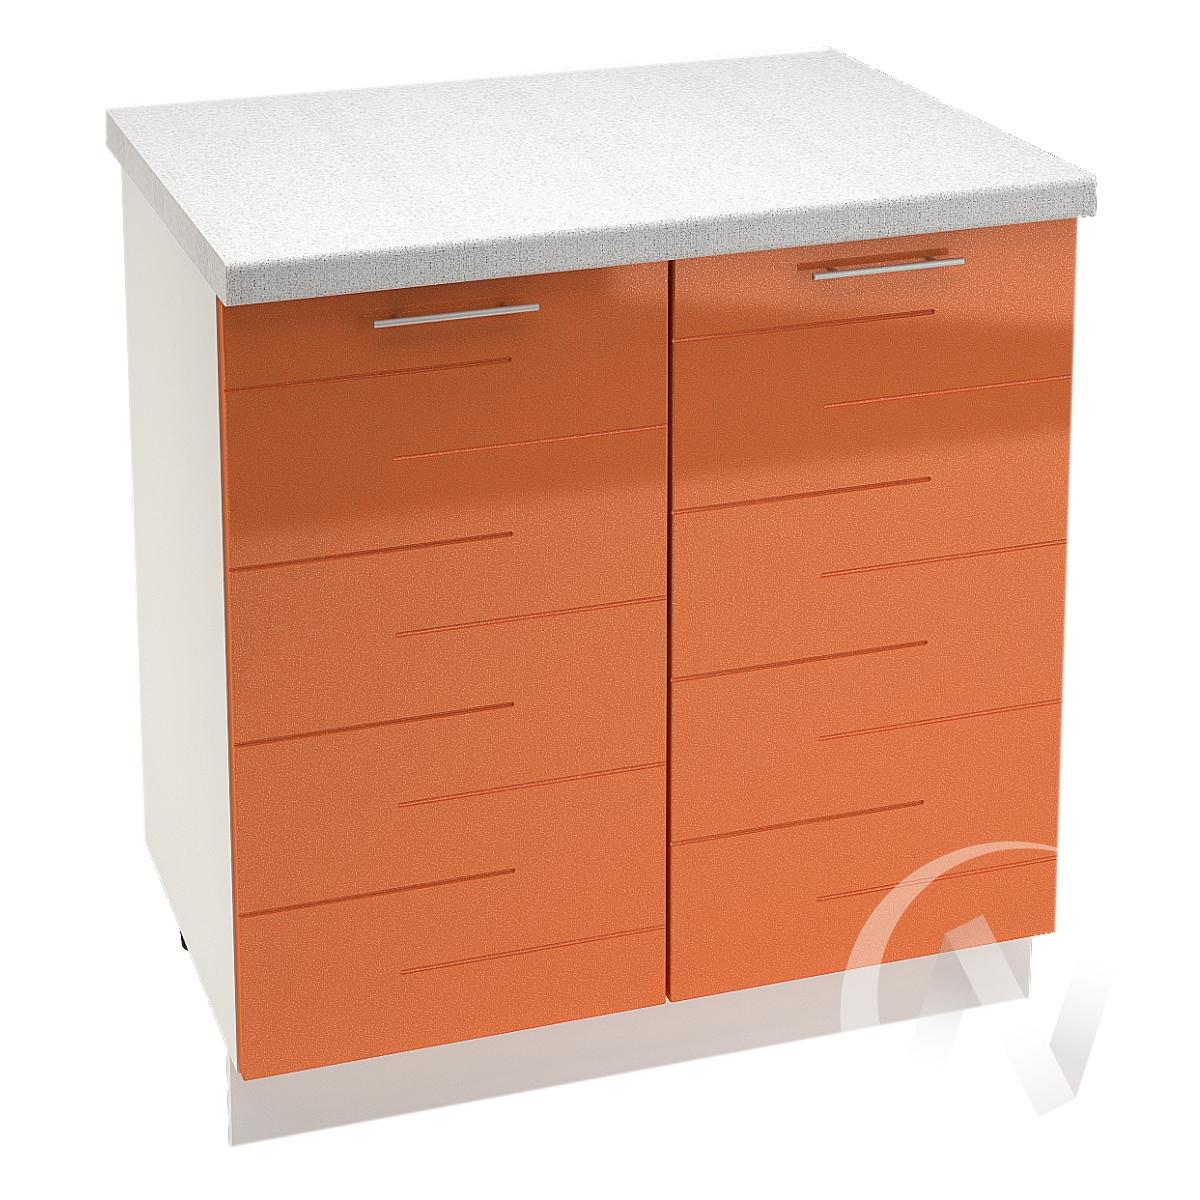 """Кухня """"Техно"""": Шкаф нижний 800, ШН 800 (корпус белый)"""